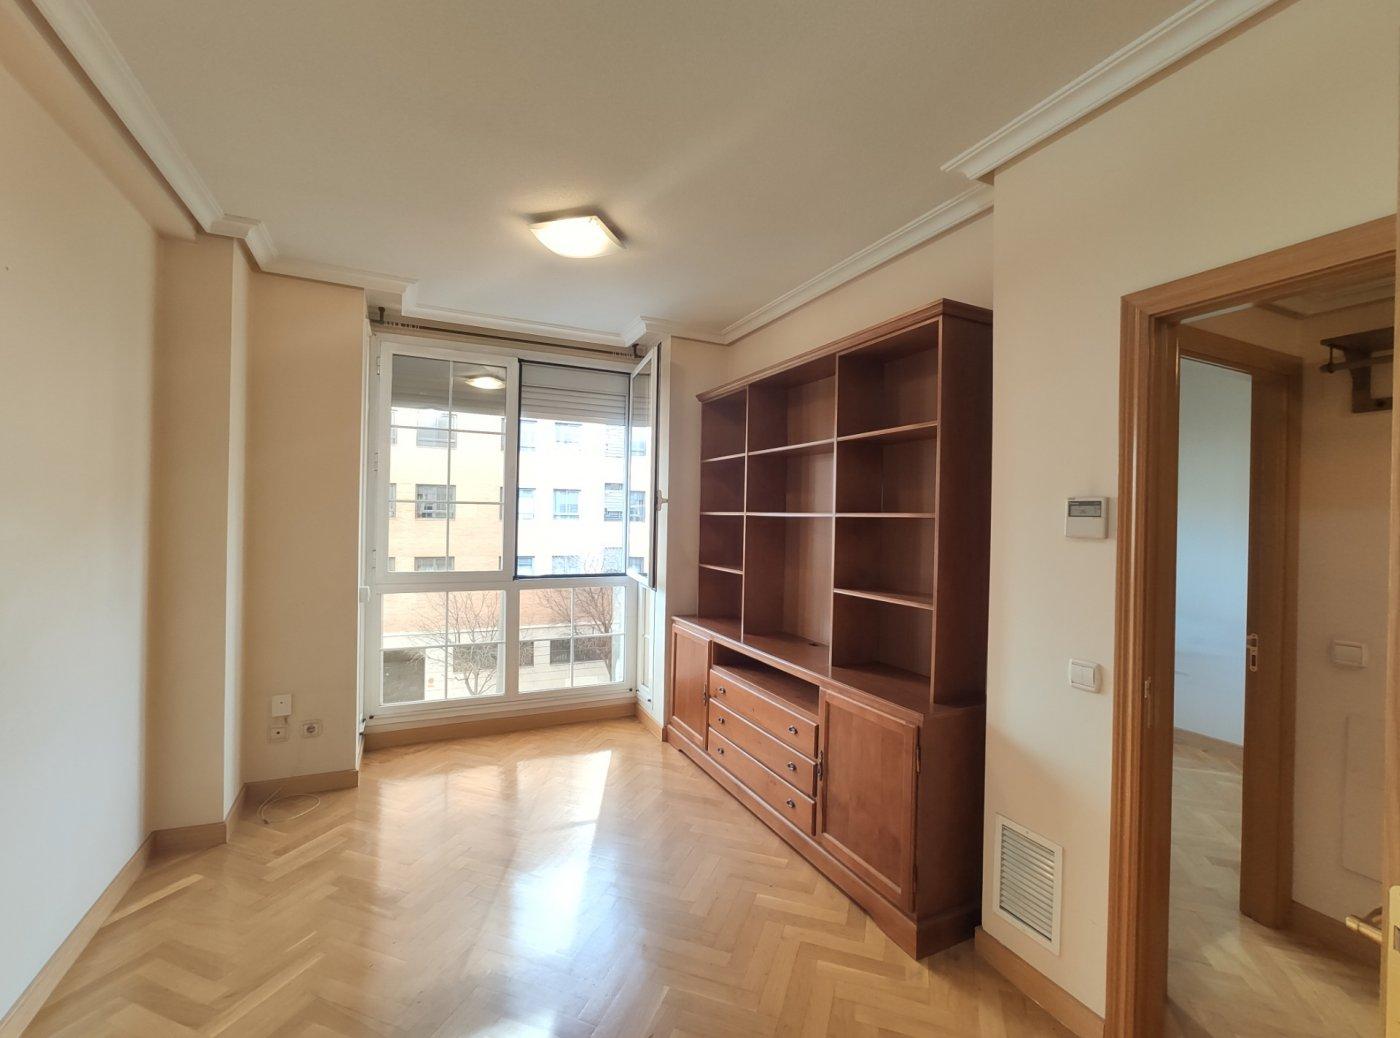 Apartamento - Buen Estado - Legazpi - Madrid